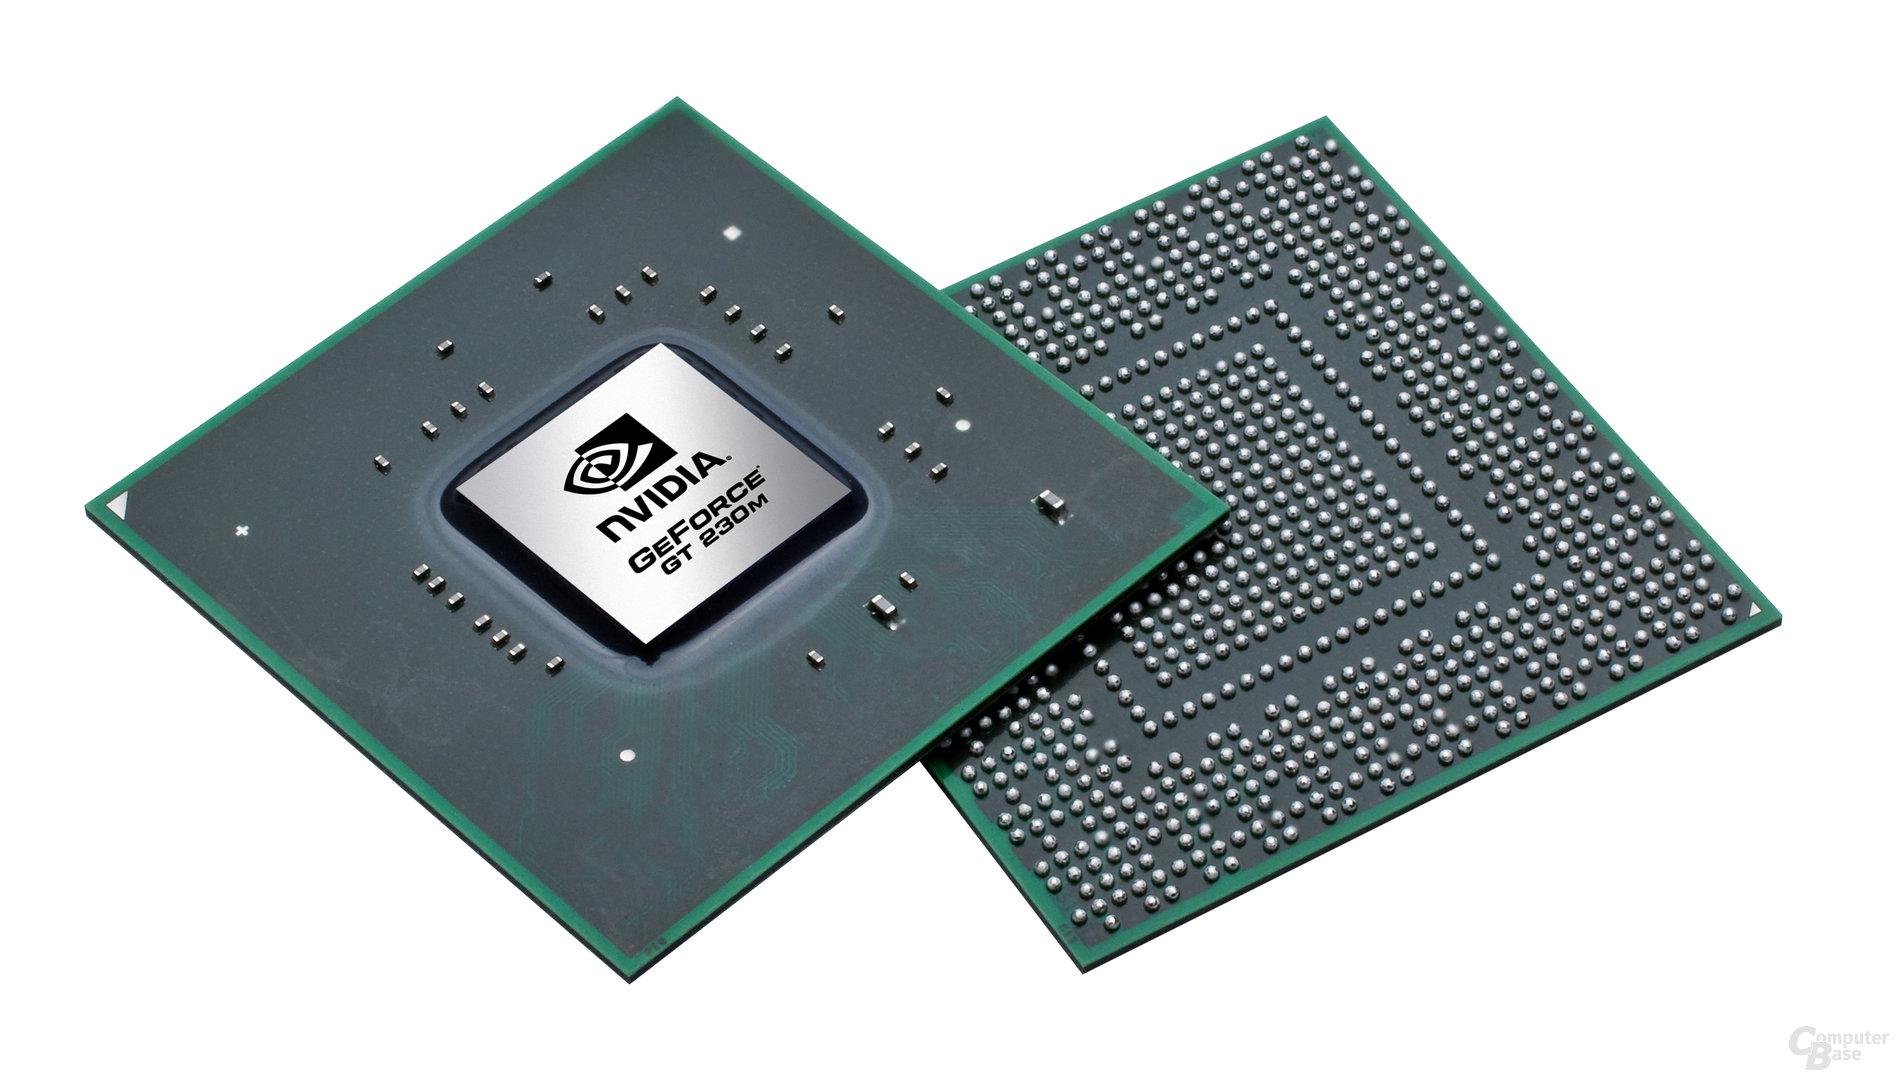 GeForce GT 230M